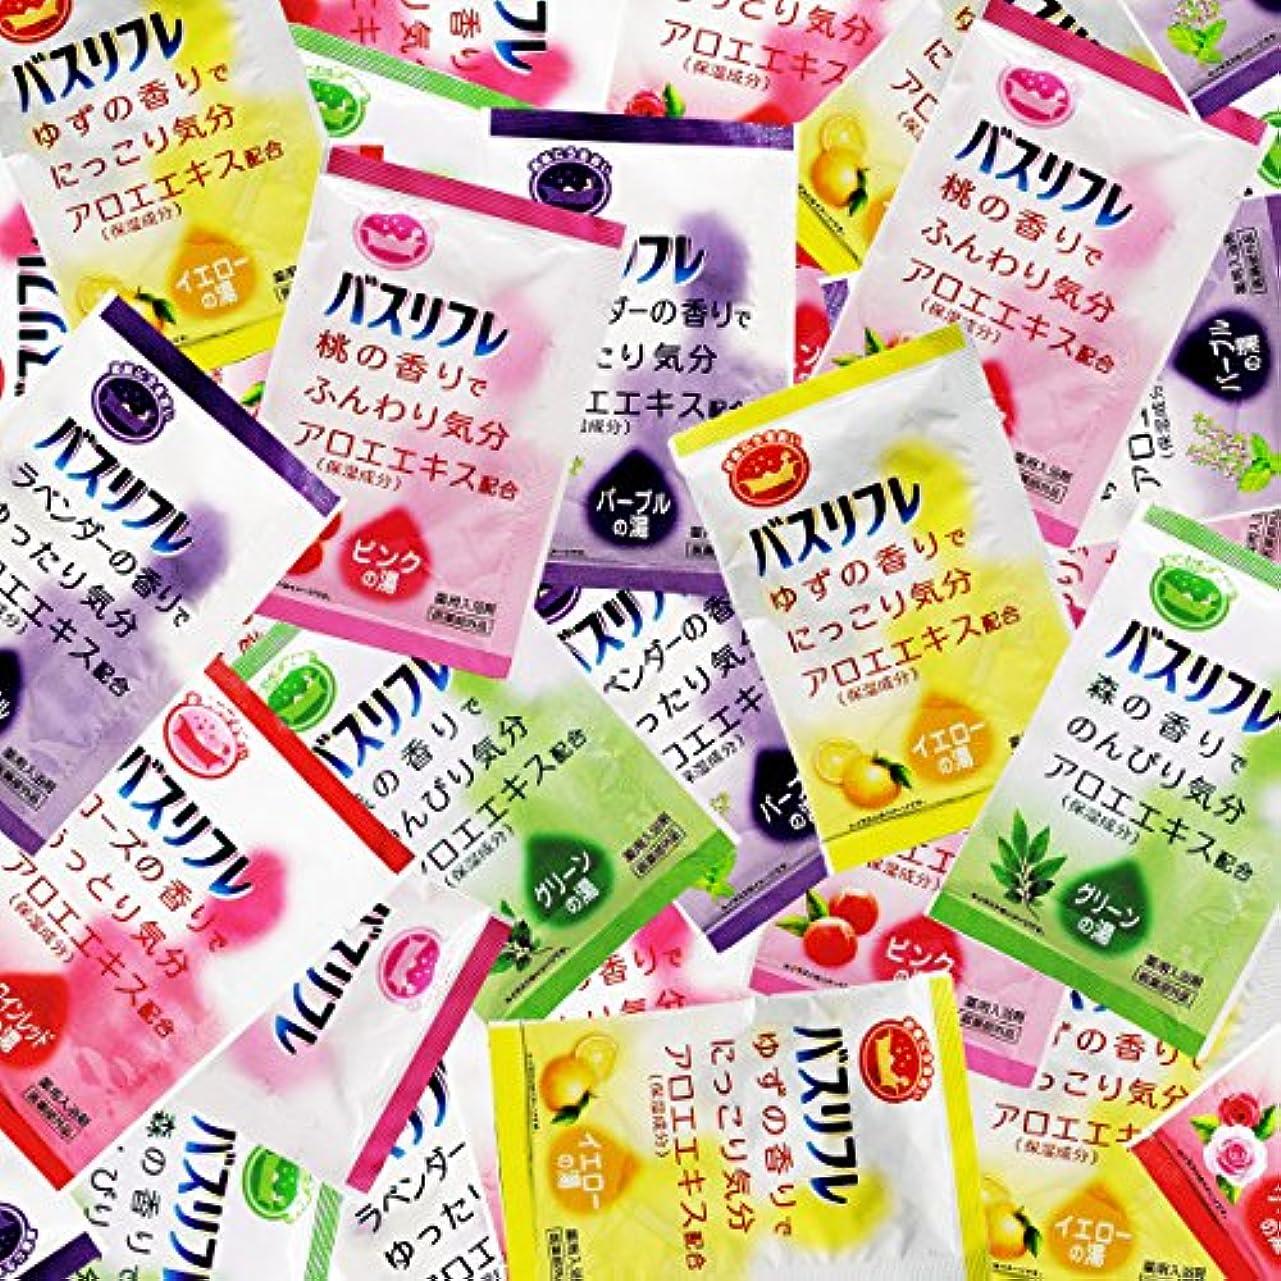 アーチ忍耐掘る薬用入浴剤 バスリフレ 5種類の香り アソート 120袋セット 入浴剤 詰め合わせ 人気 アロマ 福袋 医薬部外品